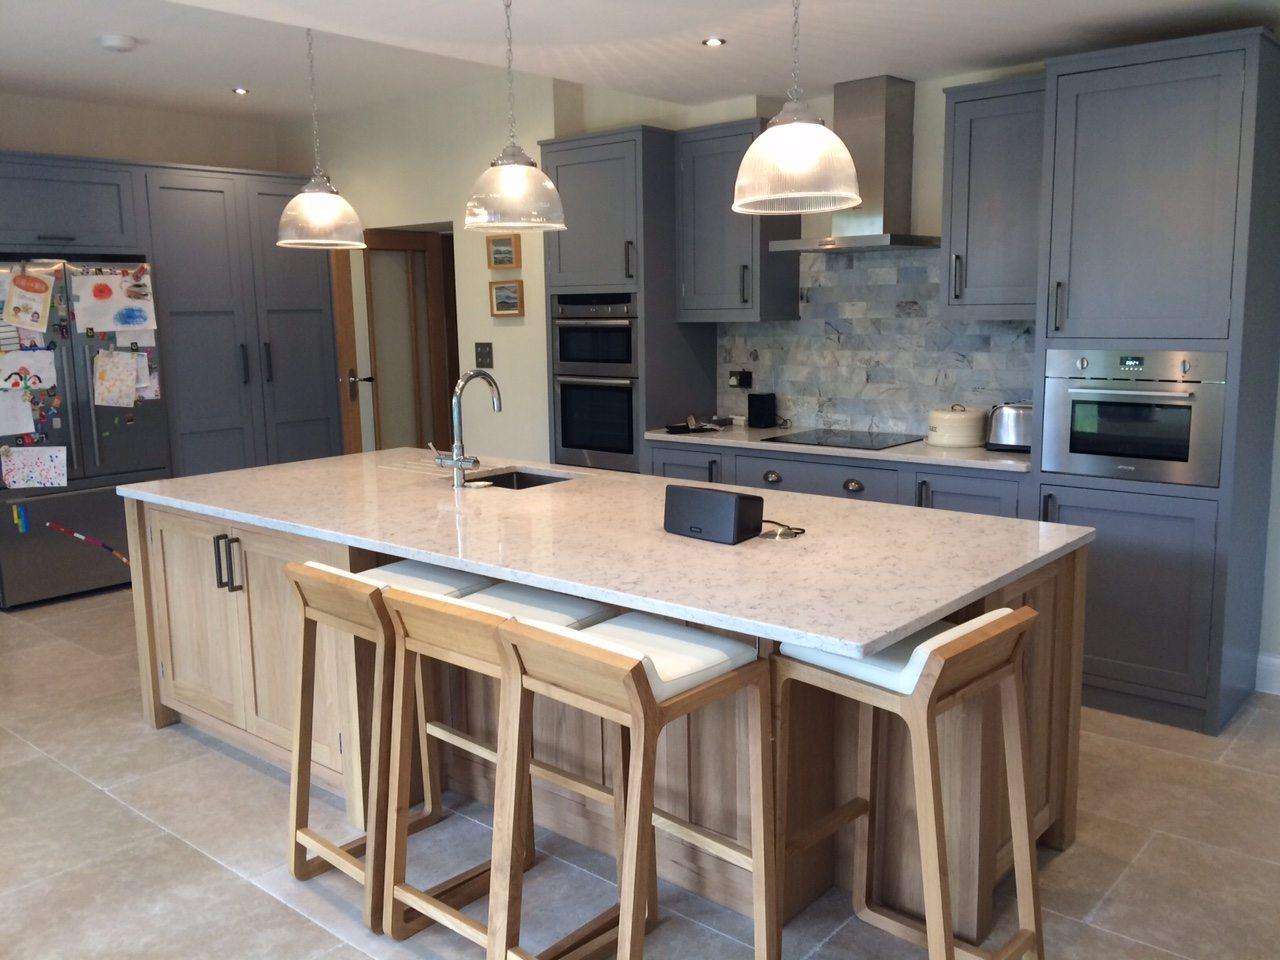 painted kitchen cupboards sevenoaks